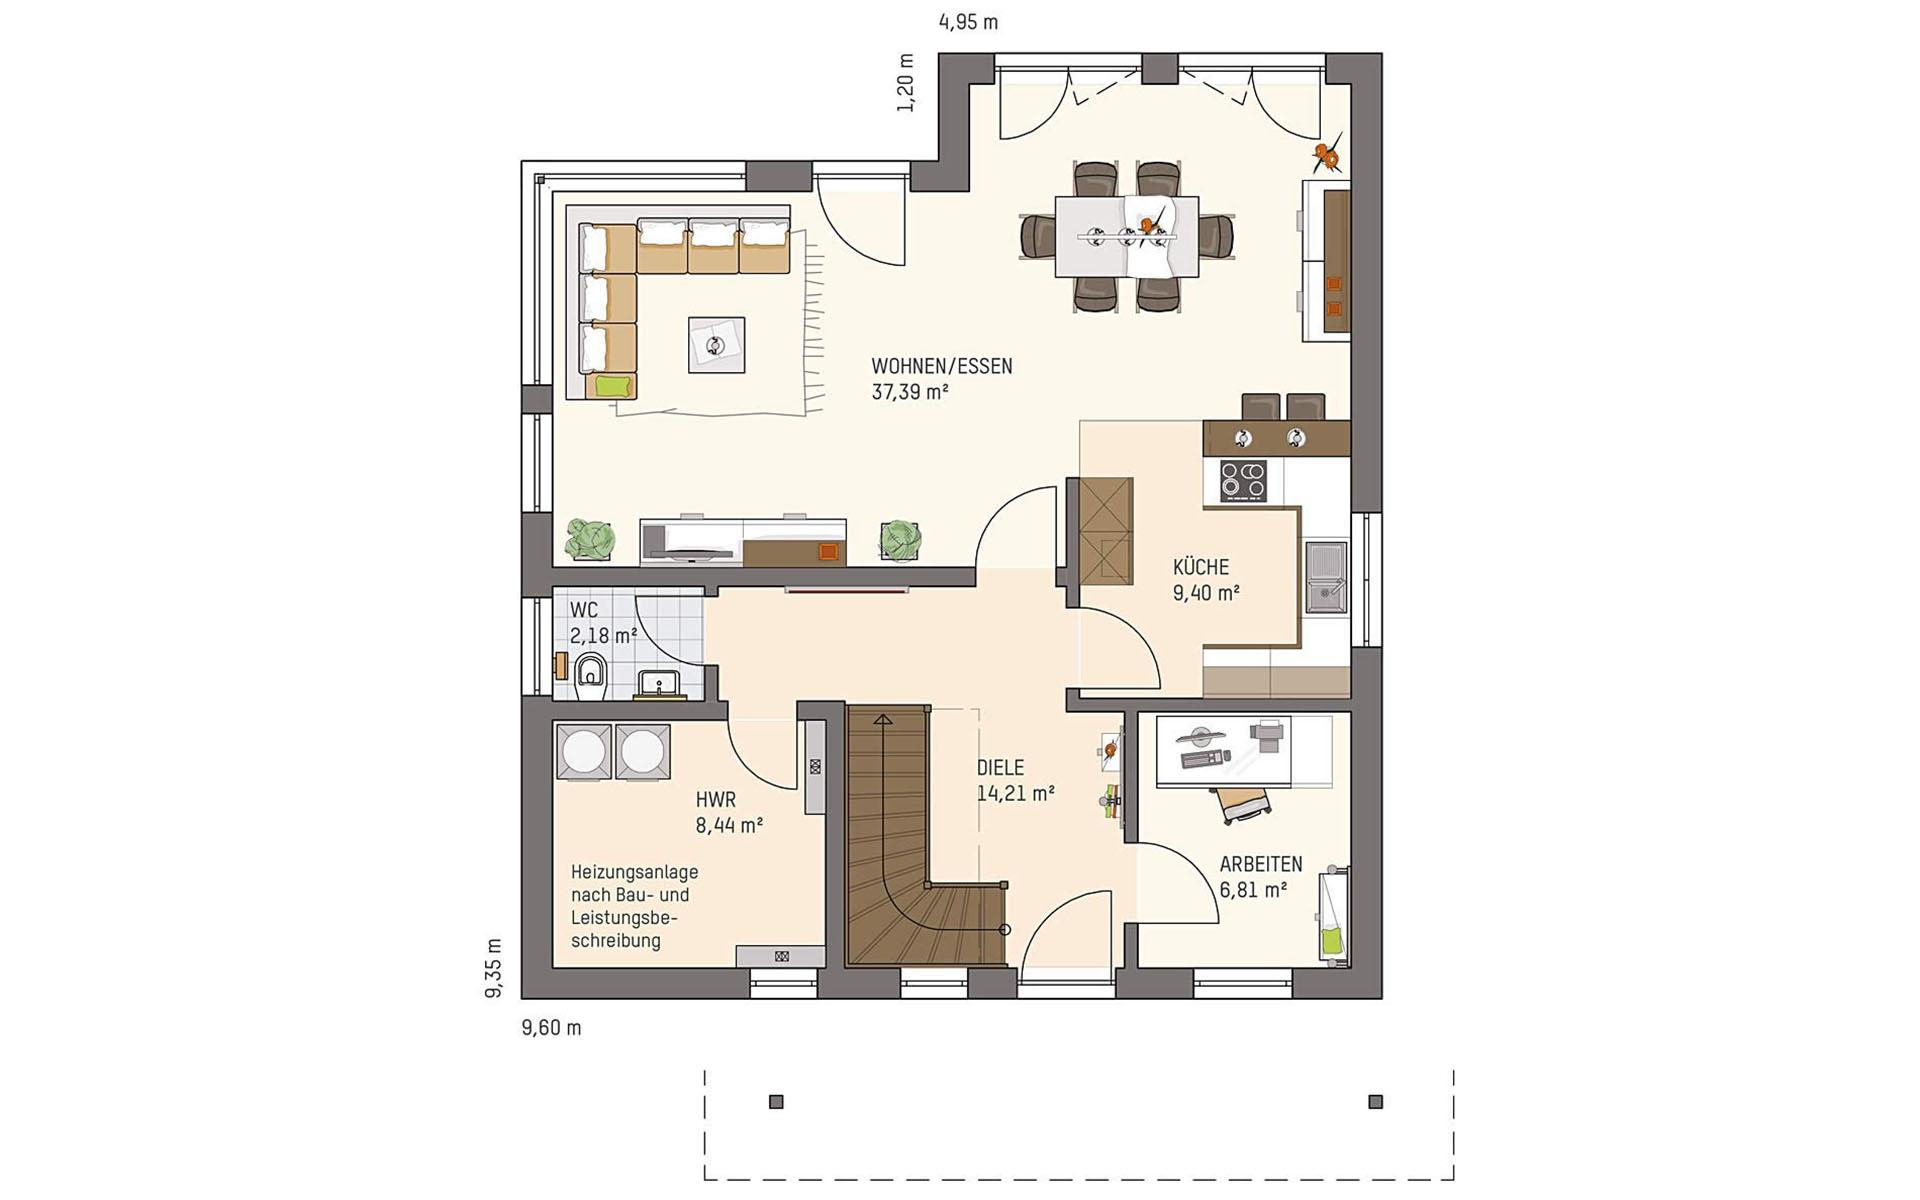 Erdgeschoss VIO 221 S130 SE von FingerHaus GmbH